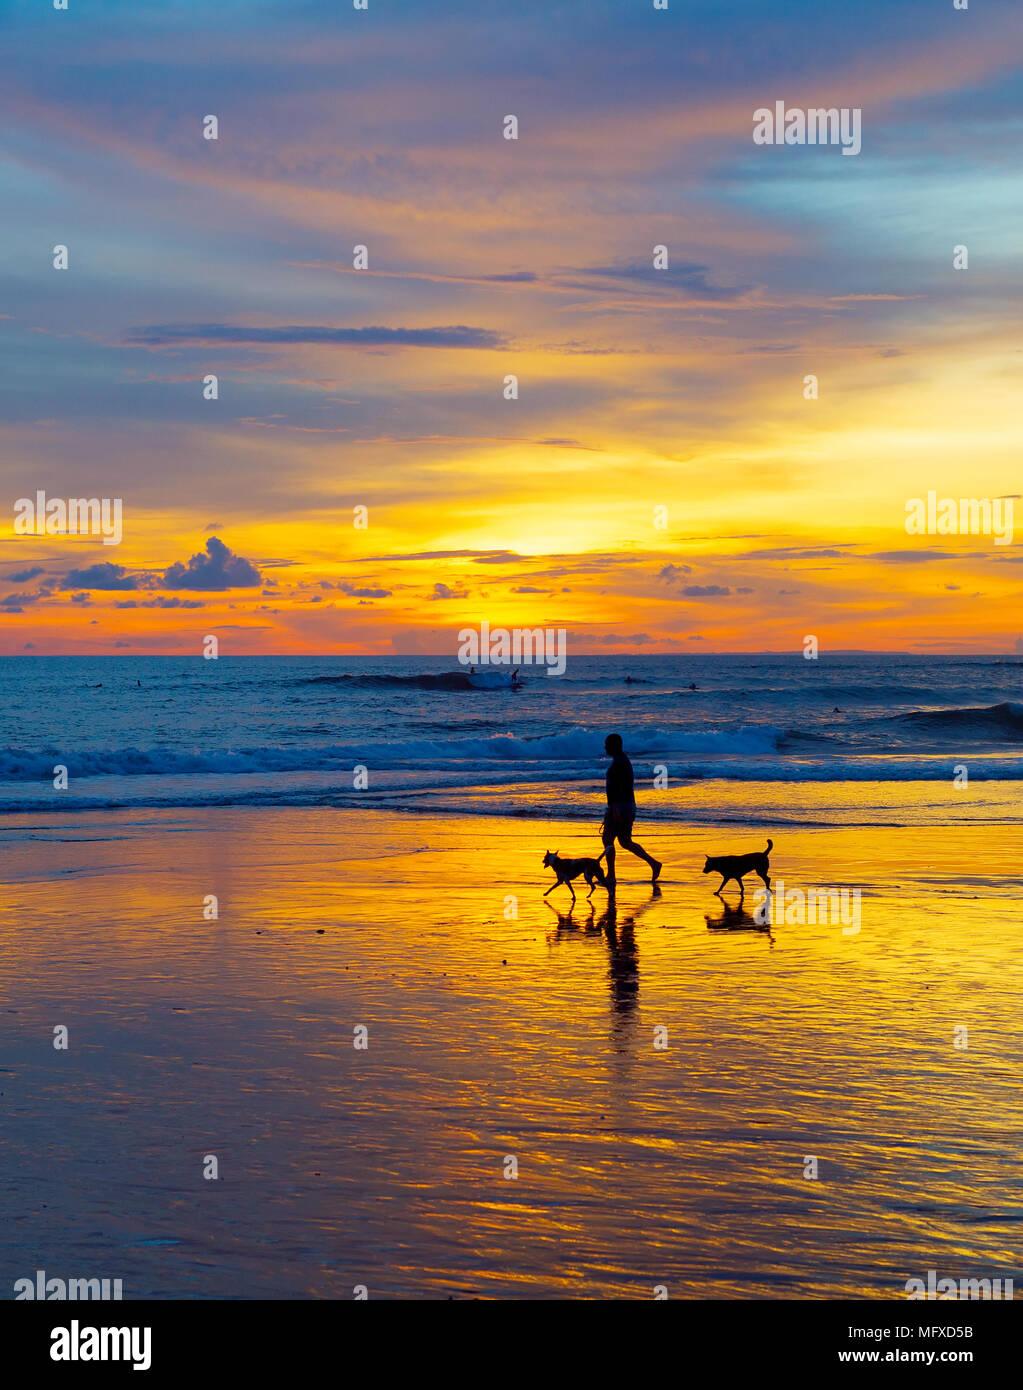 Silhouette di un uomo a piedi con i cani sulla spiaggia al tramonto. Isola di Bali, Indonesia Immagini Stock